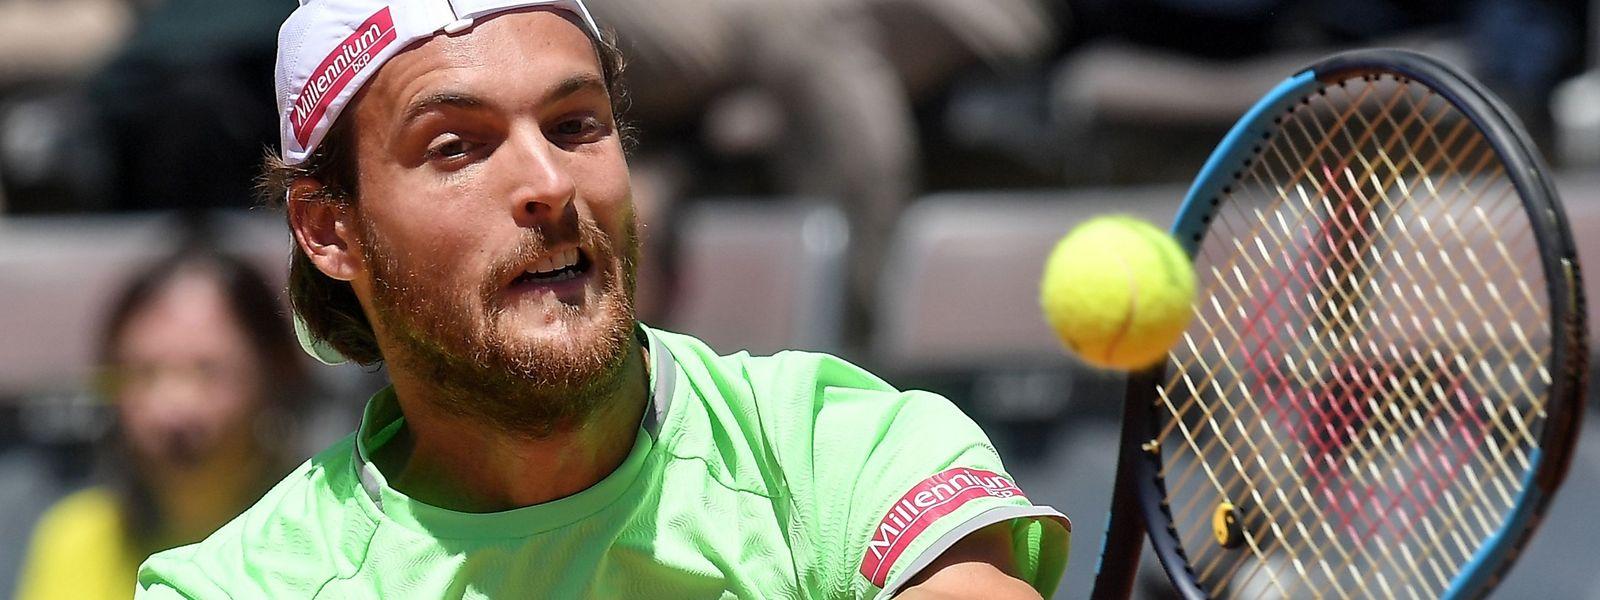 João Sousa perdeu pelos parciais de 6-4 e 6-3 frente ao suíço Roger Federer.